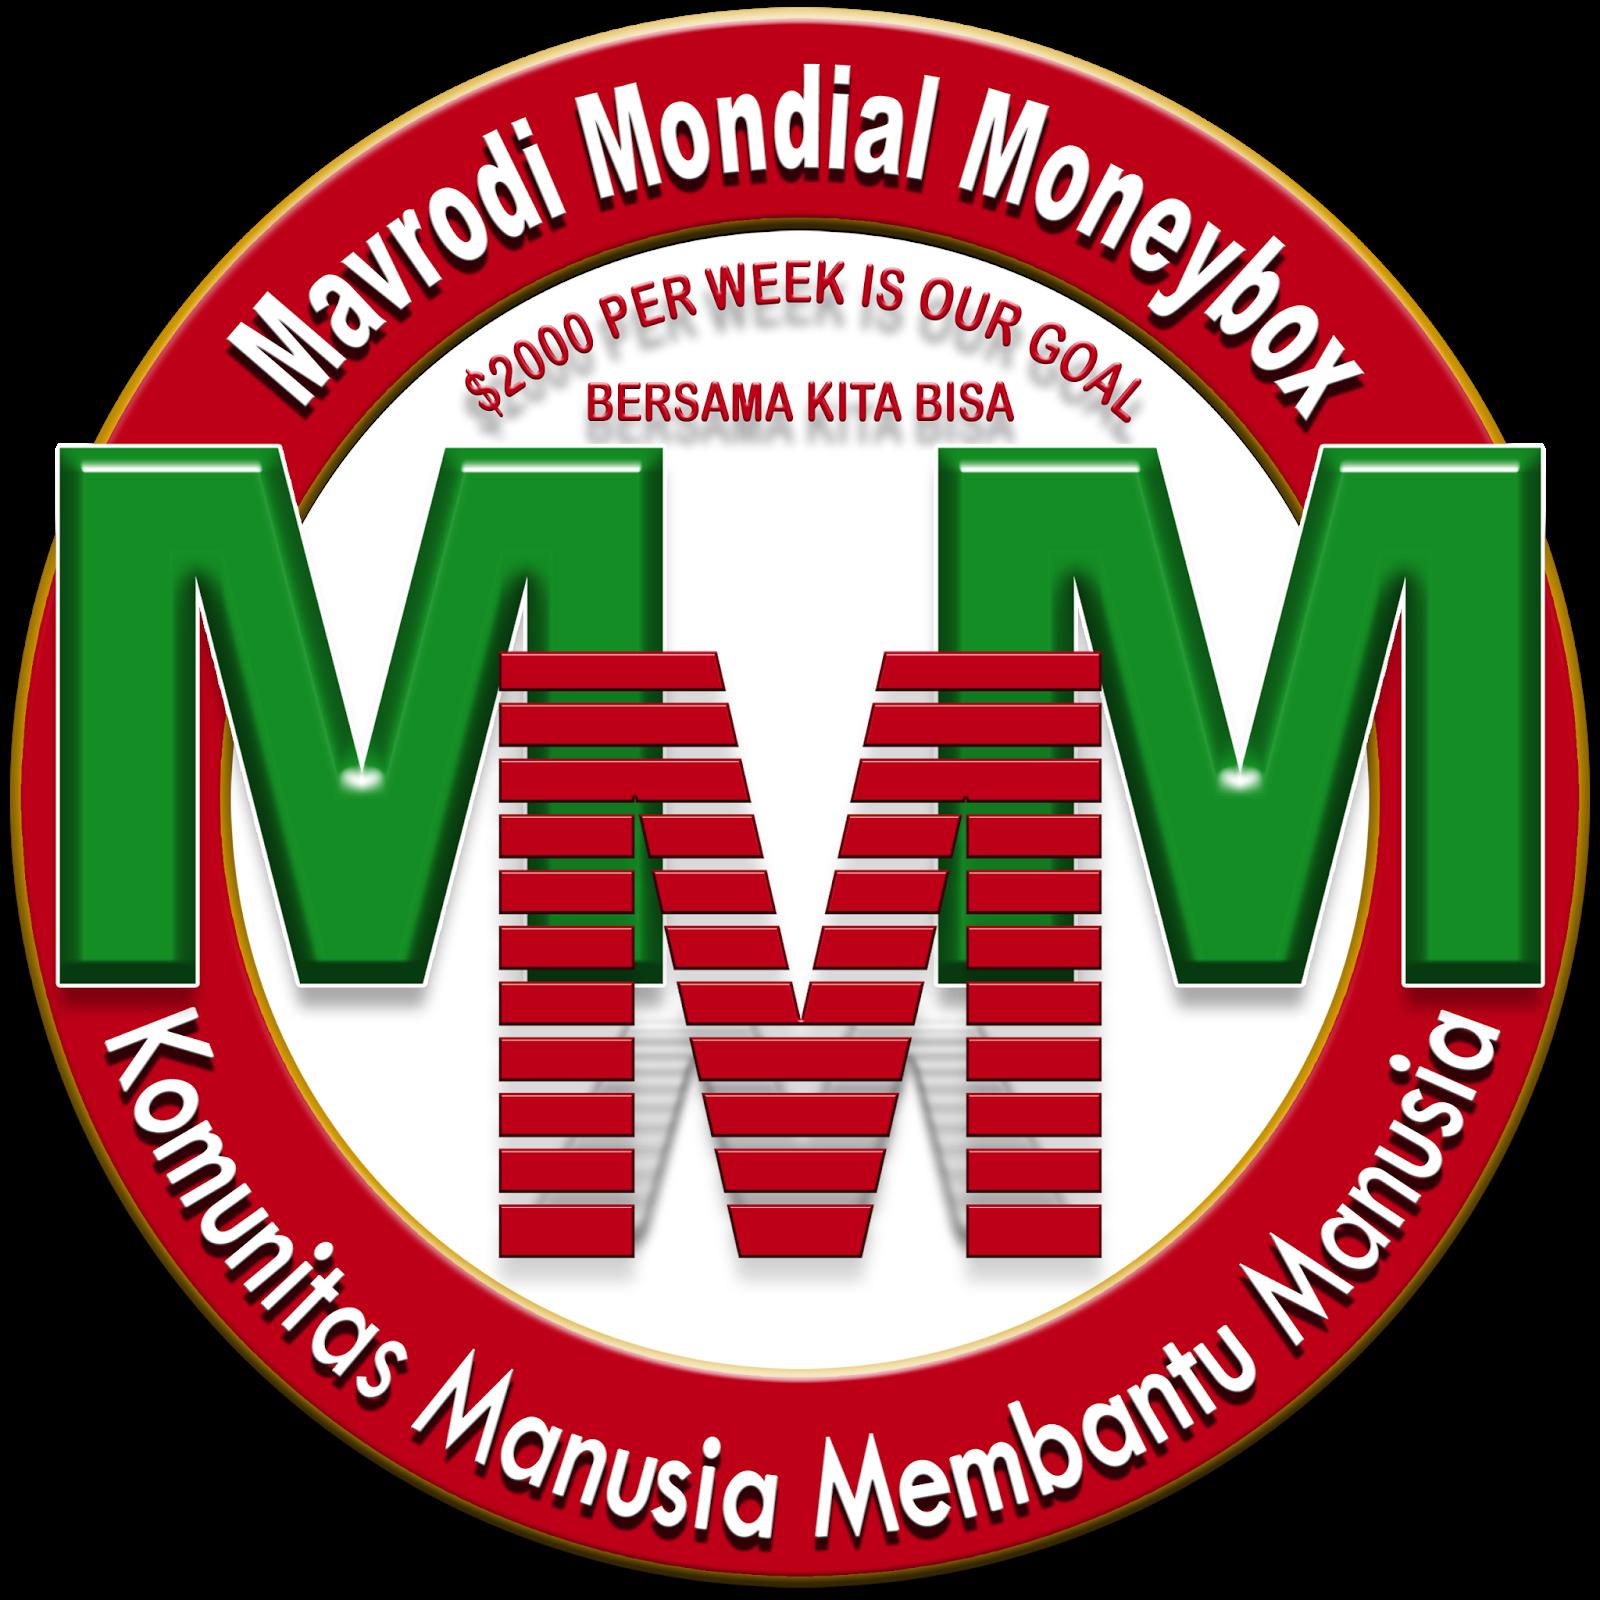 ... mmm indonesia logo mmm 2012 mmm asia mmm indonesia mmm rusia mmm: blogmmmindonesia.blogspot.com/2014/04/logo-mmm-sergey-mavrodi-untuk...